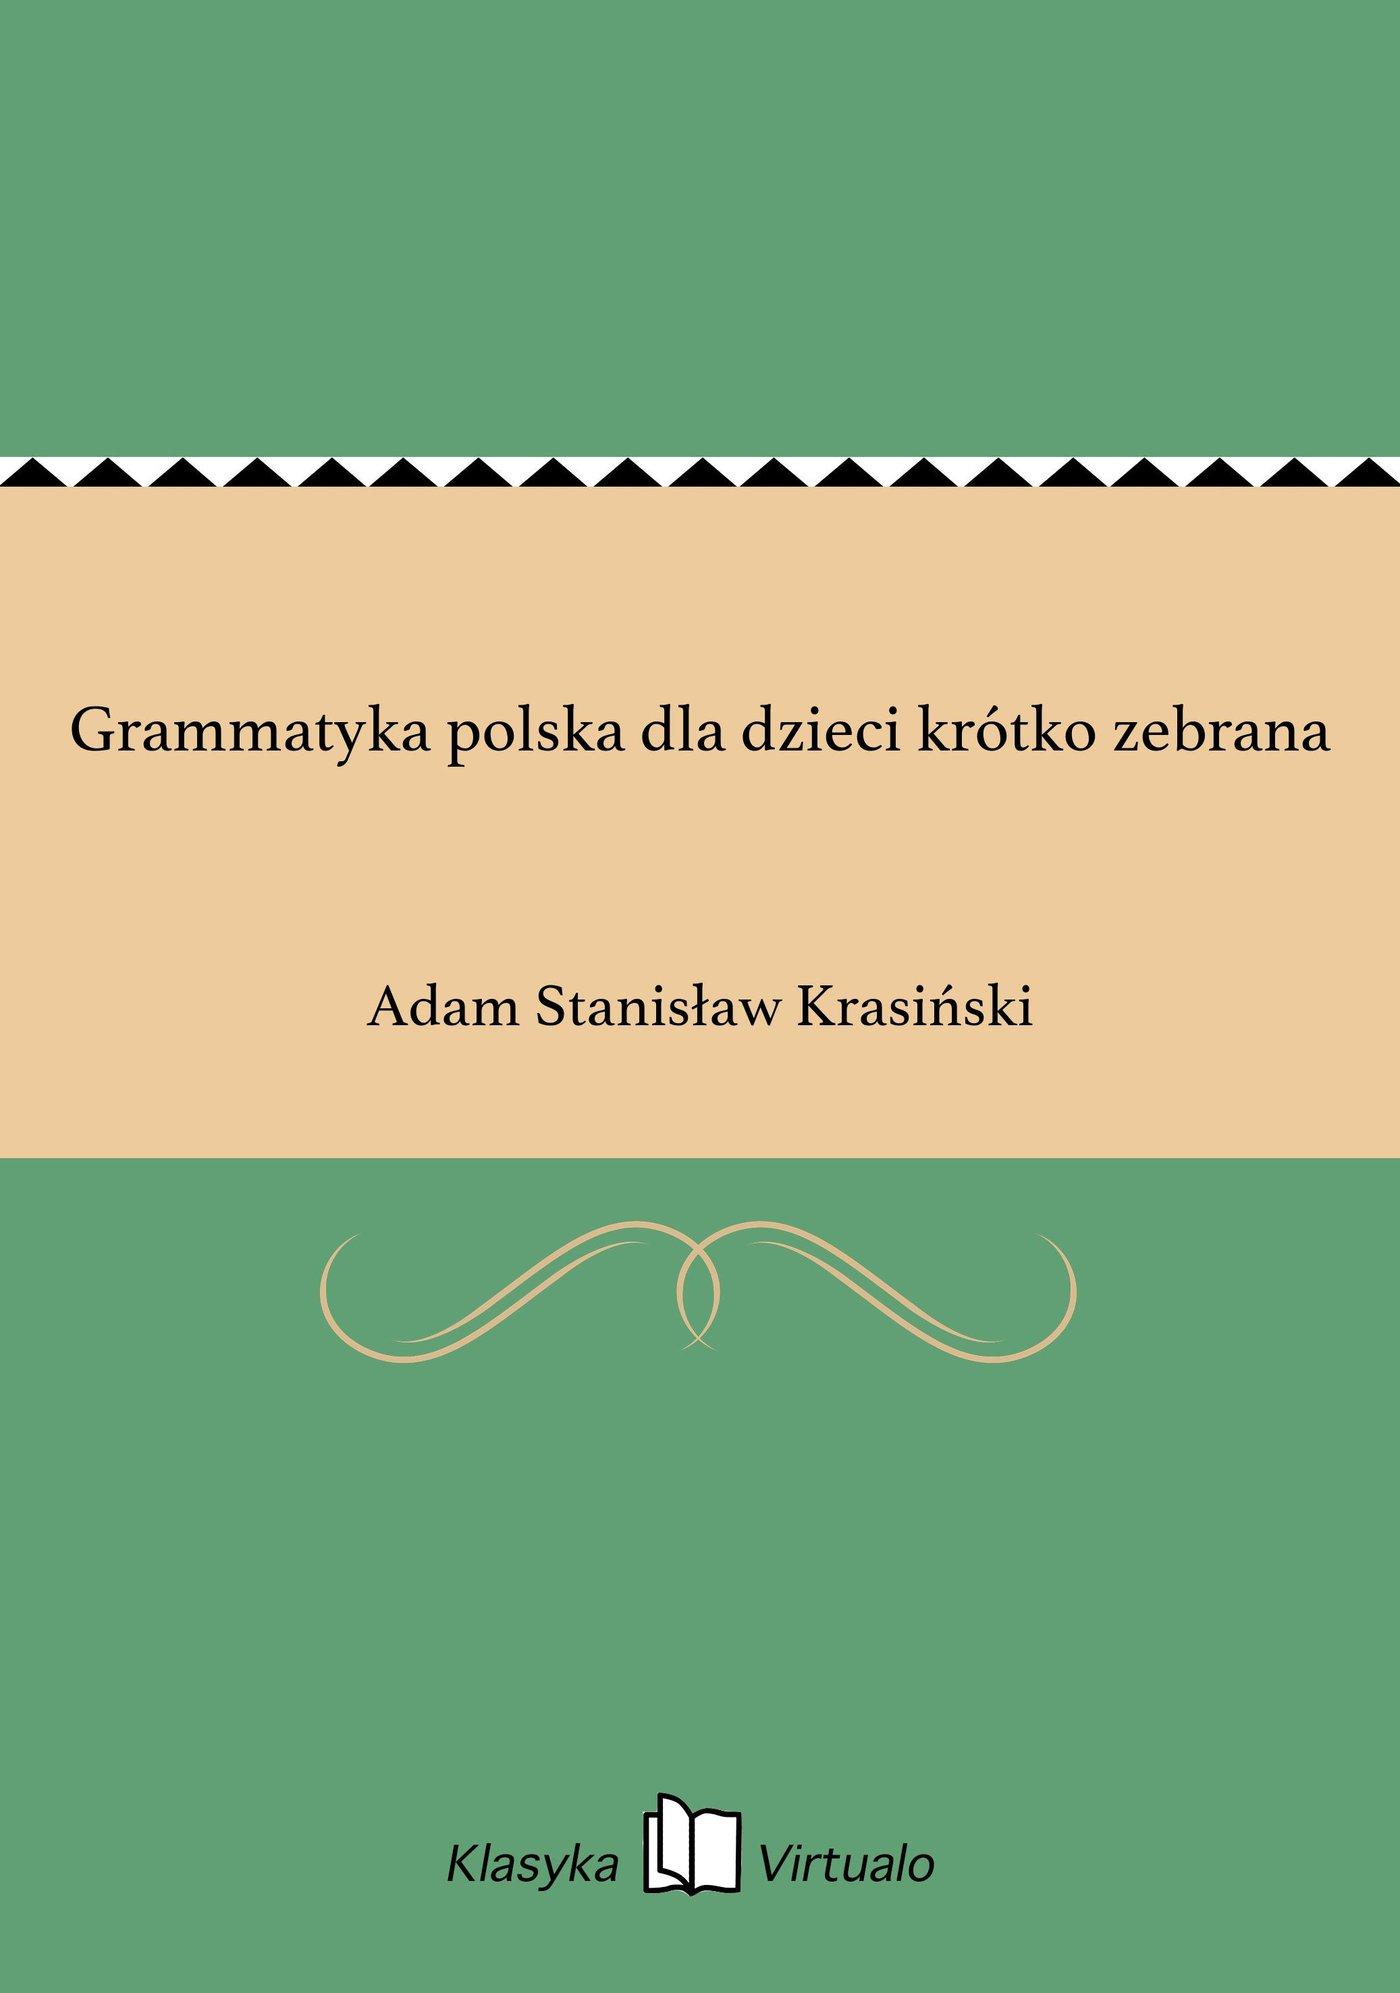 Grammatyka polska dla dzieci krótko zebrana - Ebook (Książka EPUB) do pobrania w formacie EPUB